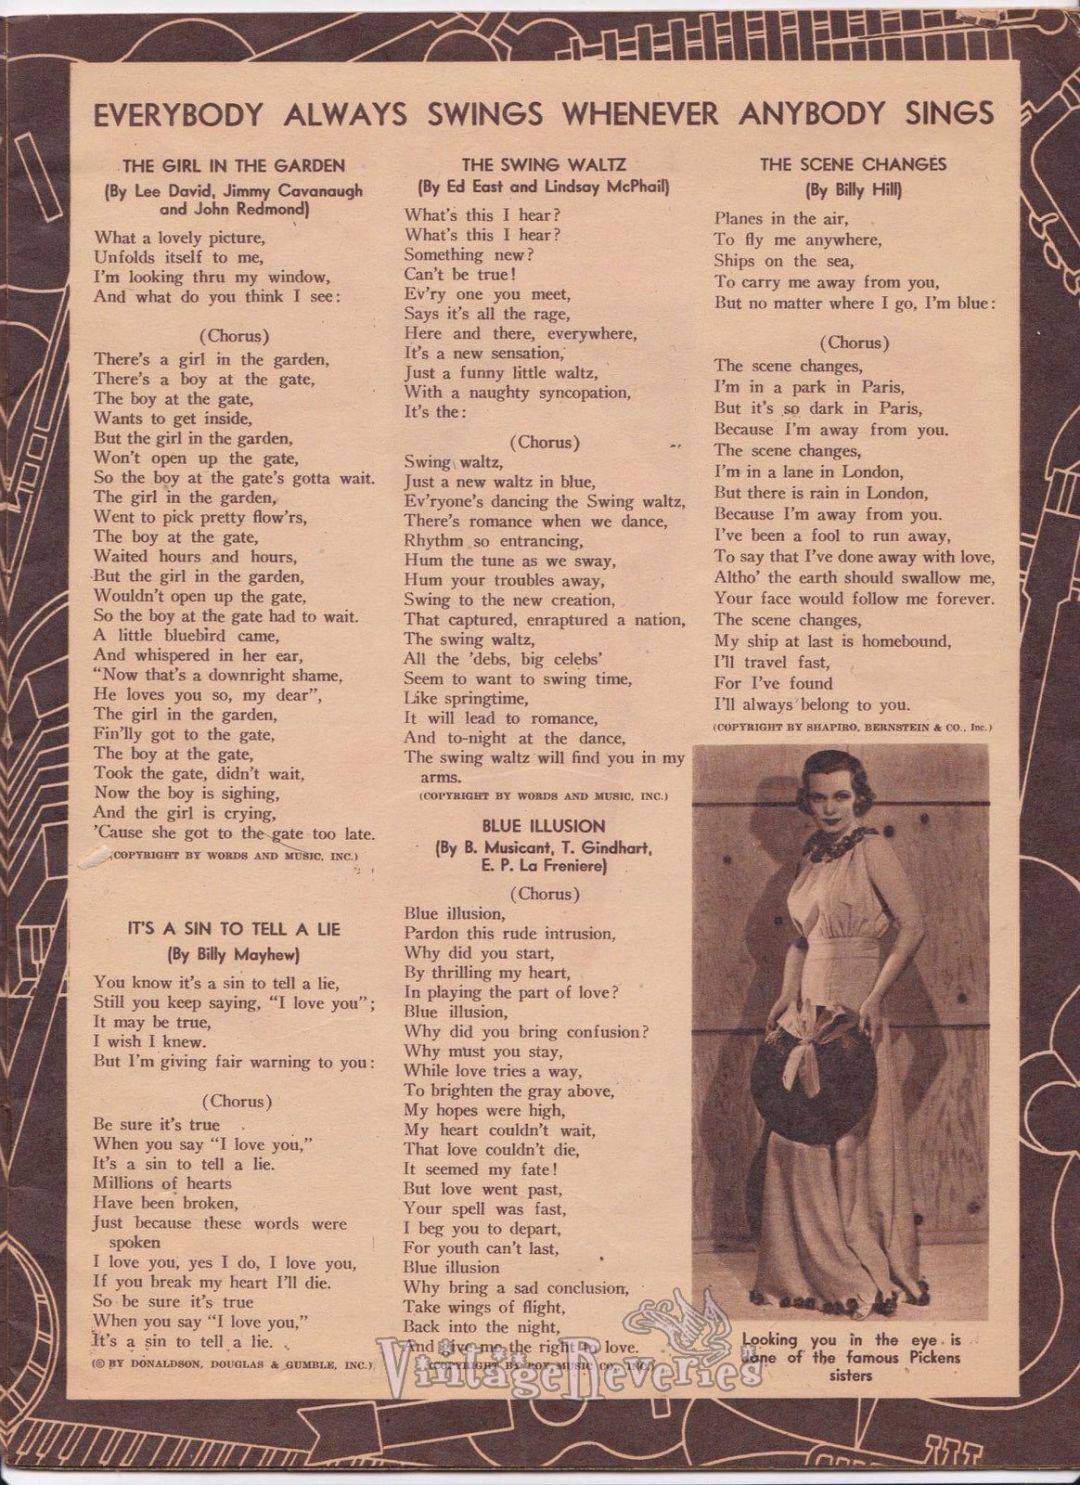 1930s pop song lyrics